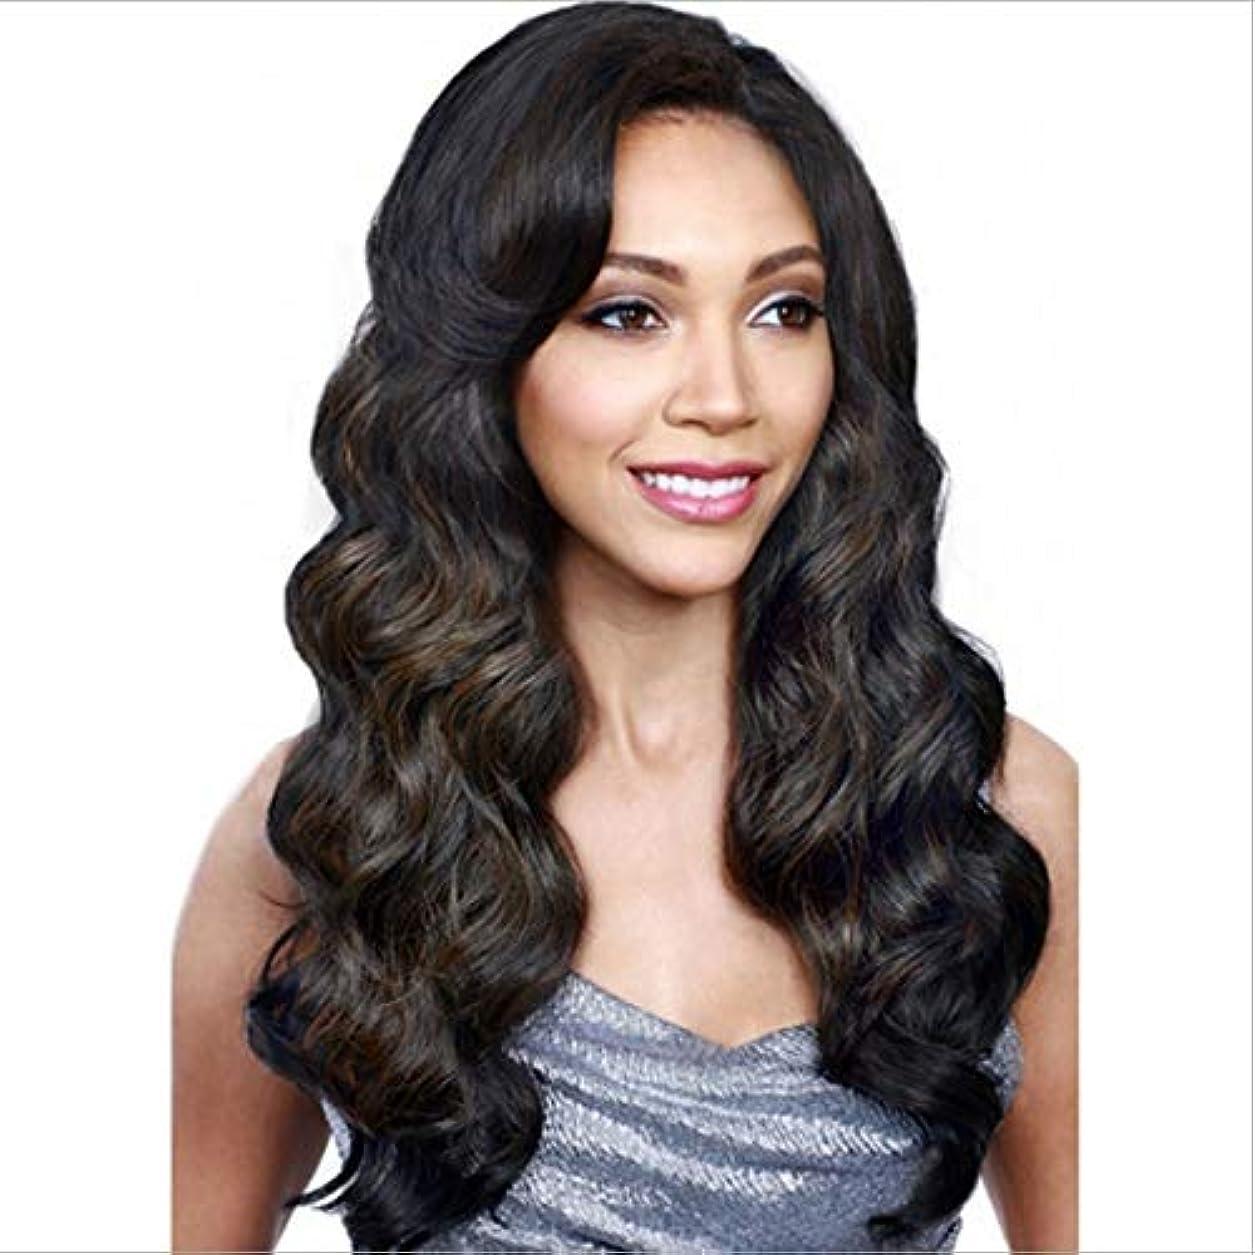 快い油の慈悲でKerwinner 女性のための長い巻き毛の層状の耐熱性合成毛髪のかつらを分けてヘアセンターで合成女性のかつら